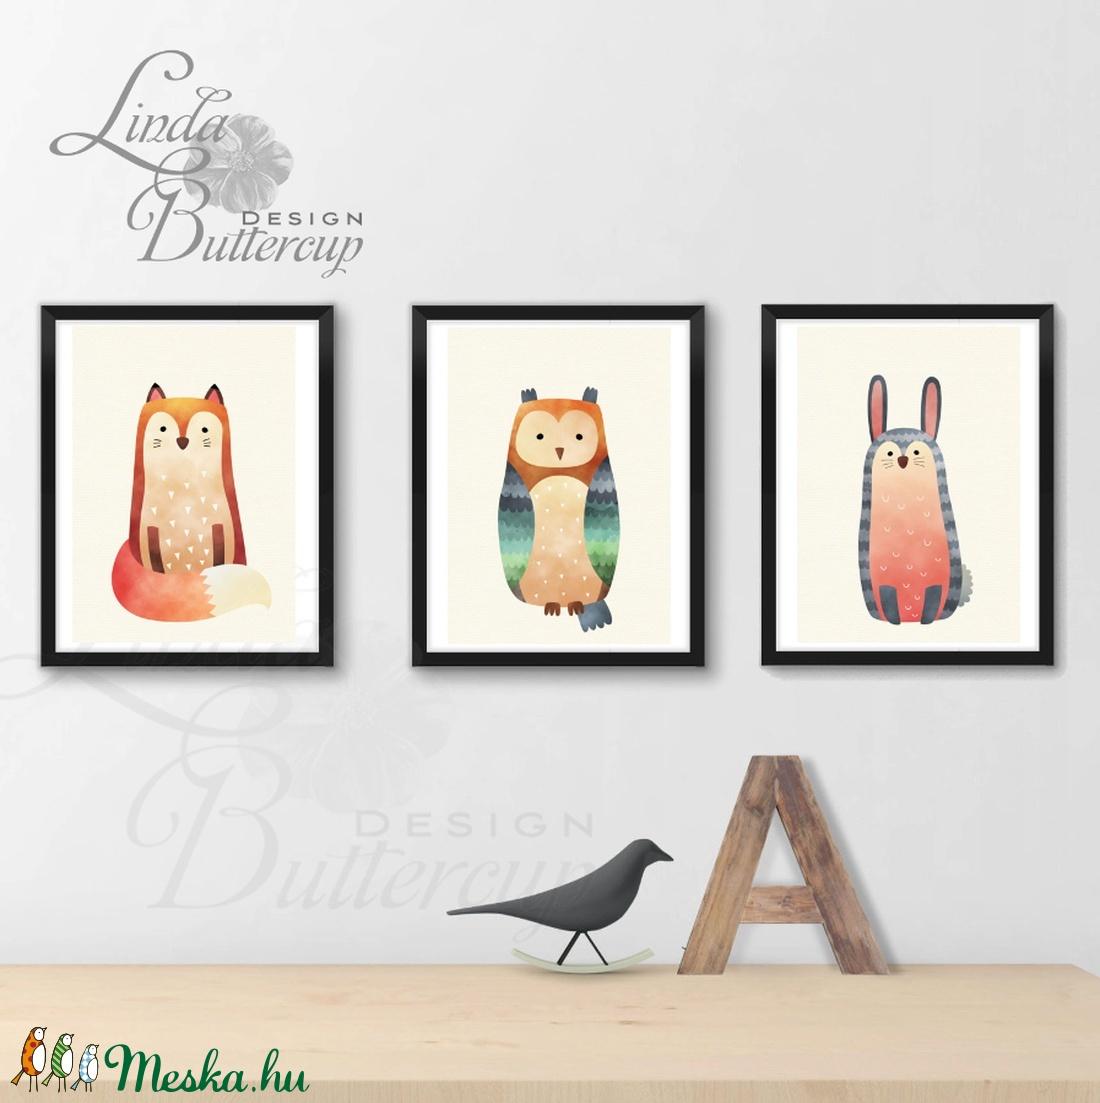 Babaszoba Dekoráció, Állatok festmény, Erdei állat, vad állatok falikép, Gyerekszoba dekor, medve, mókus, majom - otthon & lakás - dekoráció - falra akasztható dekor - Meska.hu